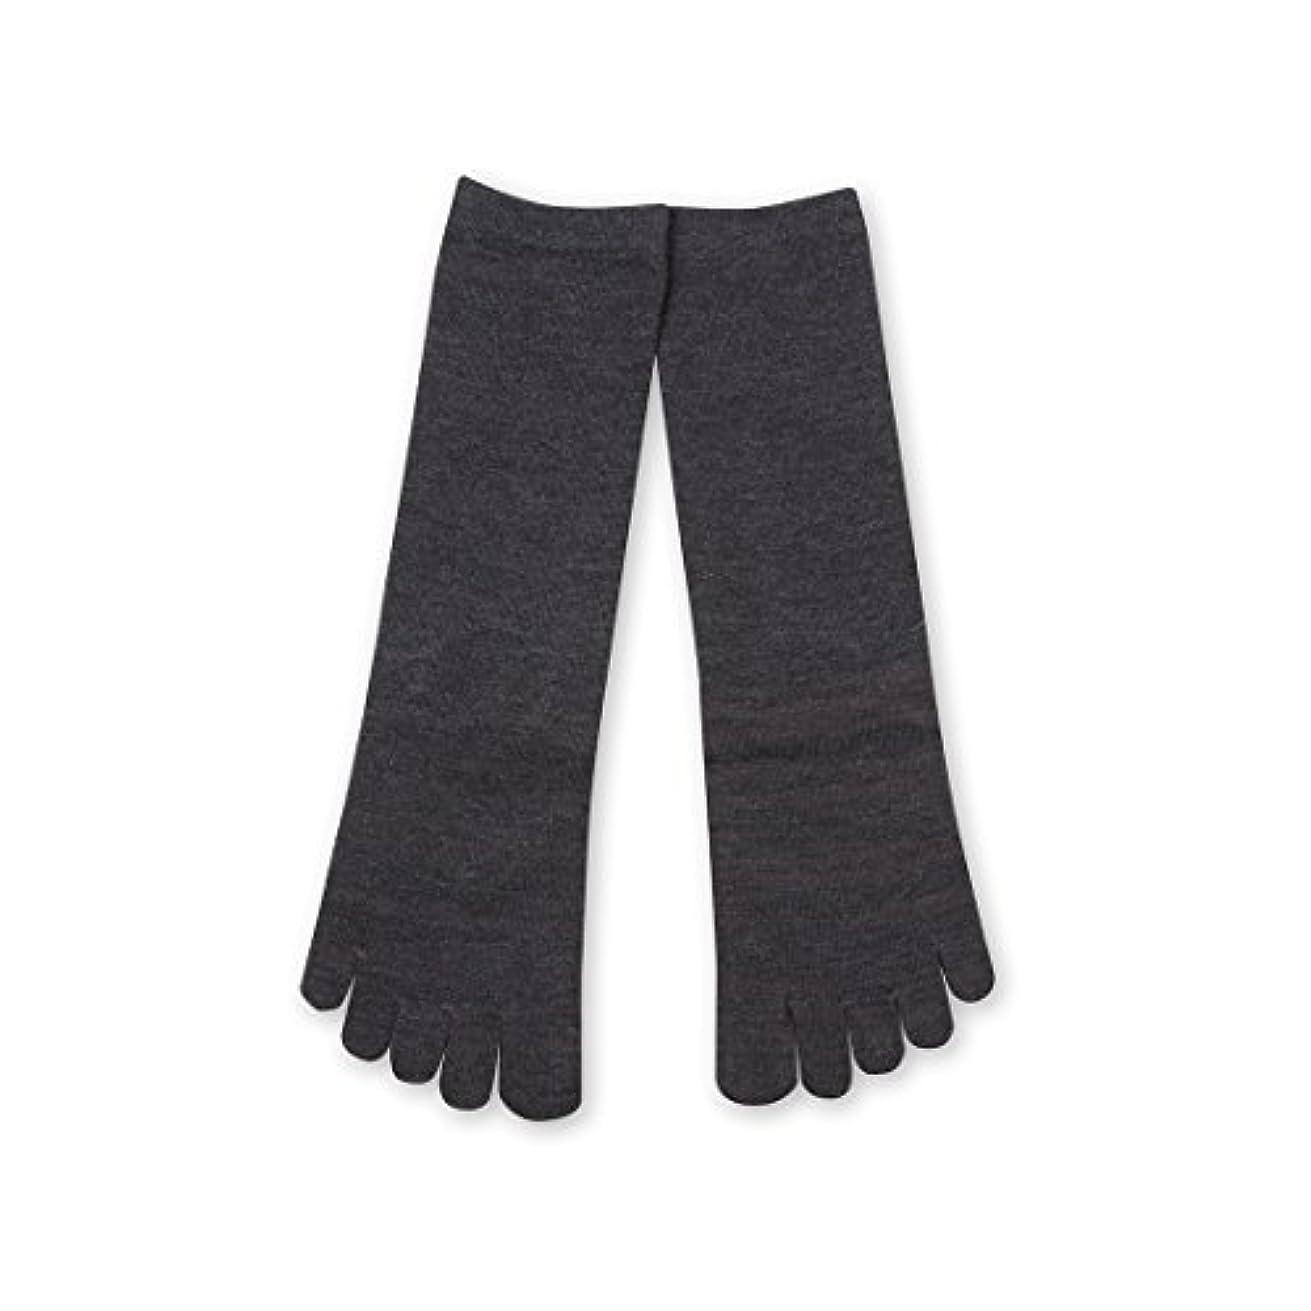 インストール砦ロードされたDeol(デオル) 5本指 ソックス 女性用 靴下 23~25cm グレー